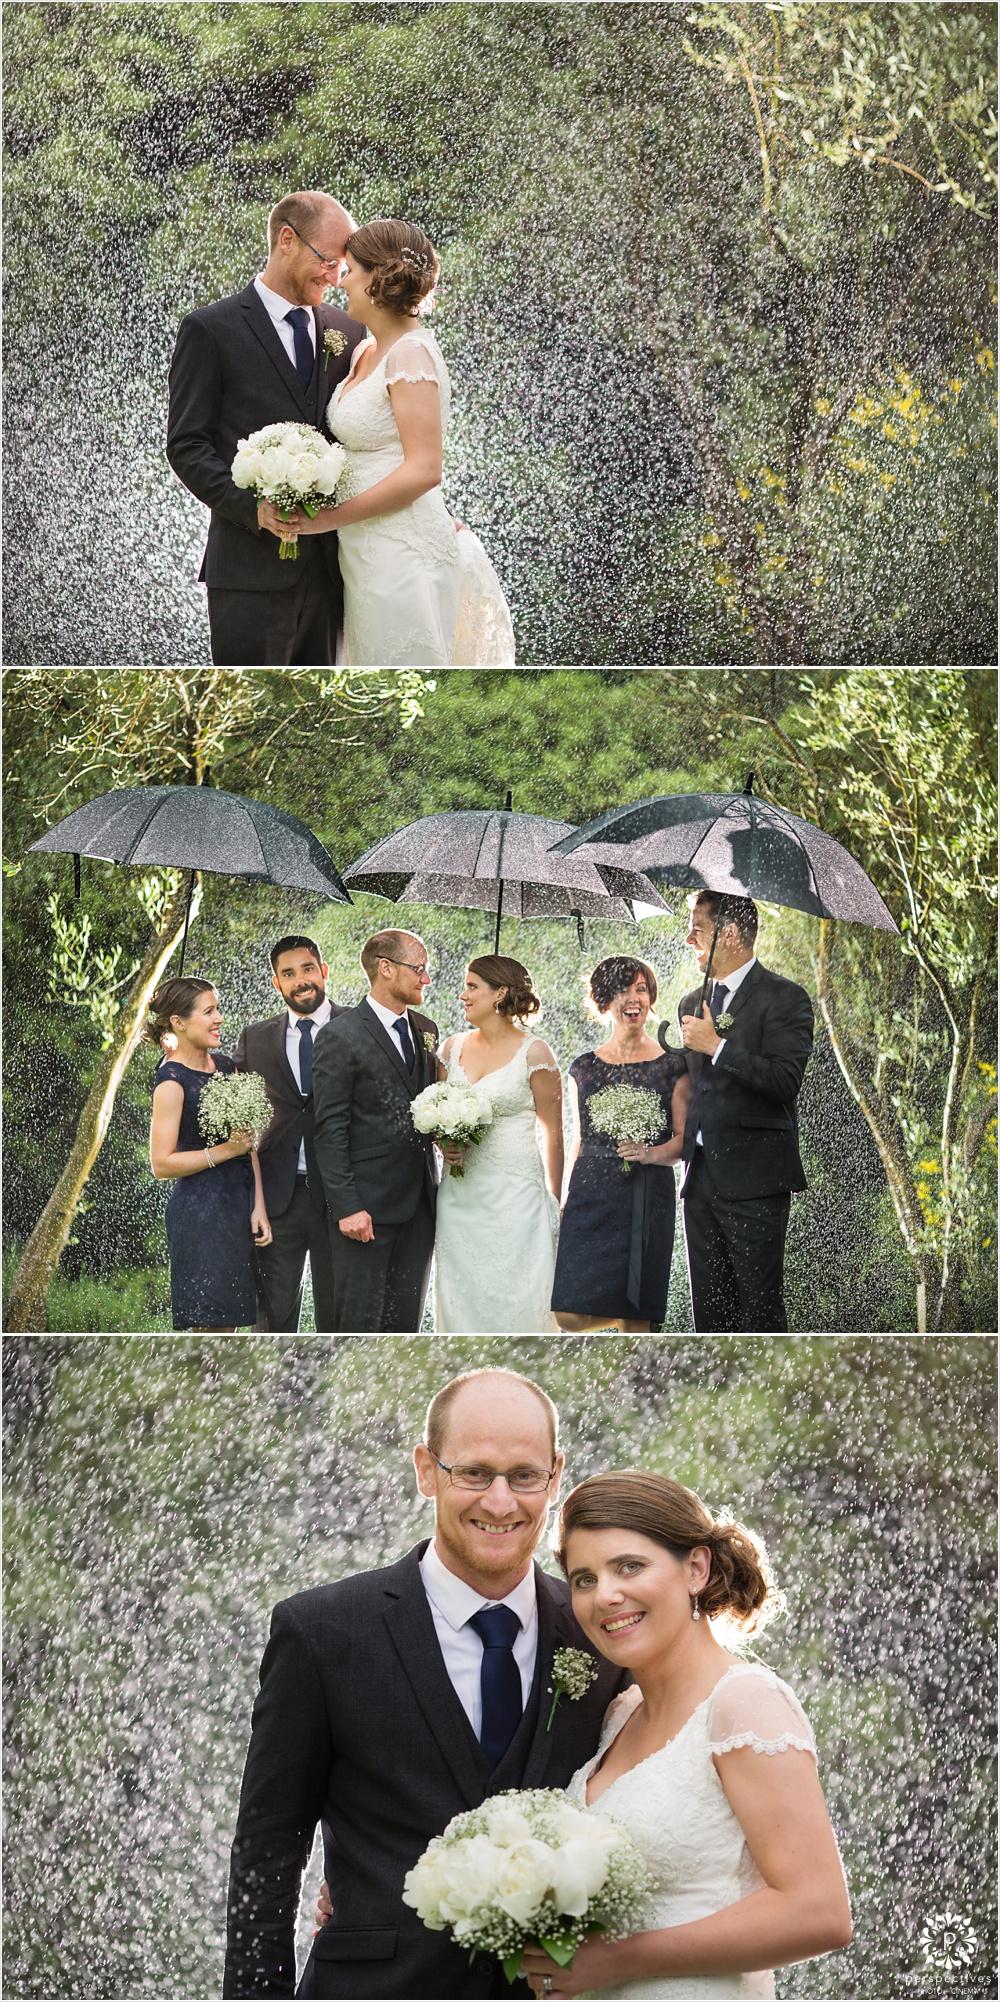 Bracu wedding photos in the rain